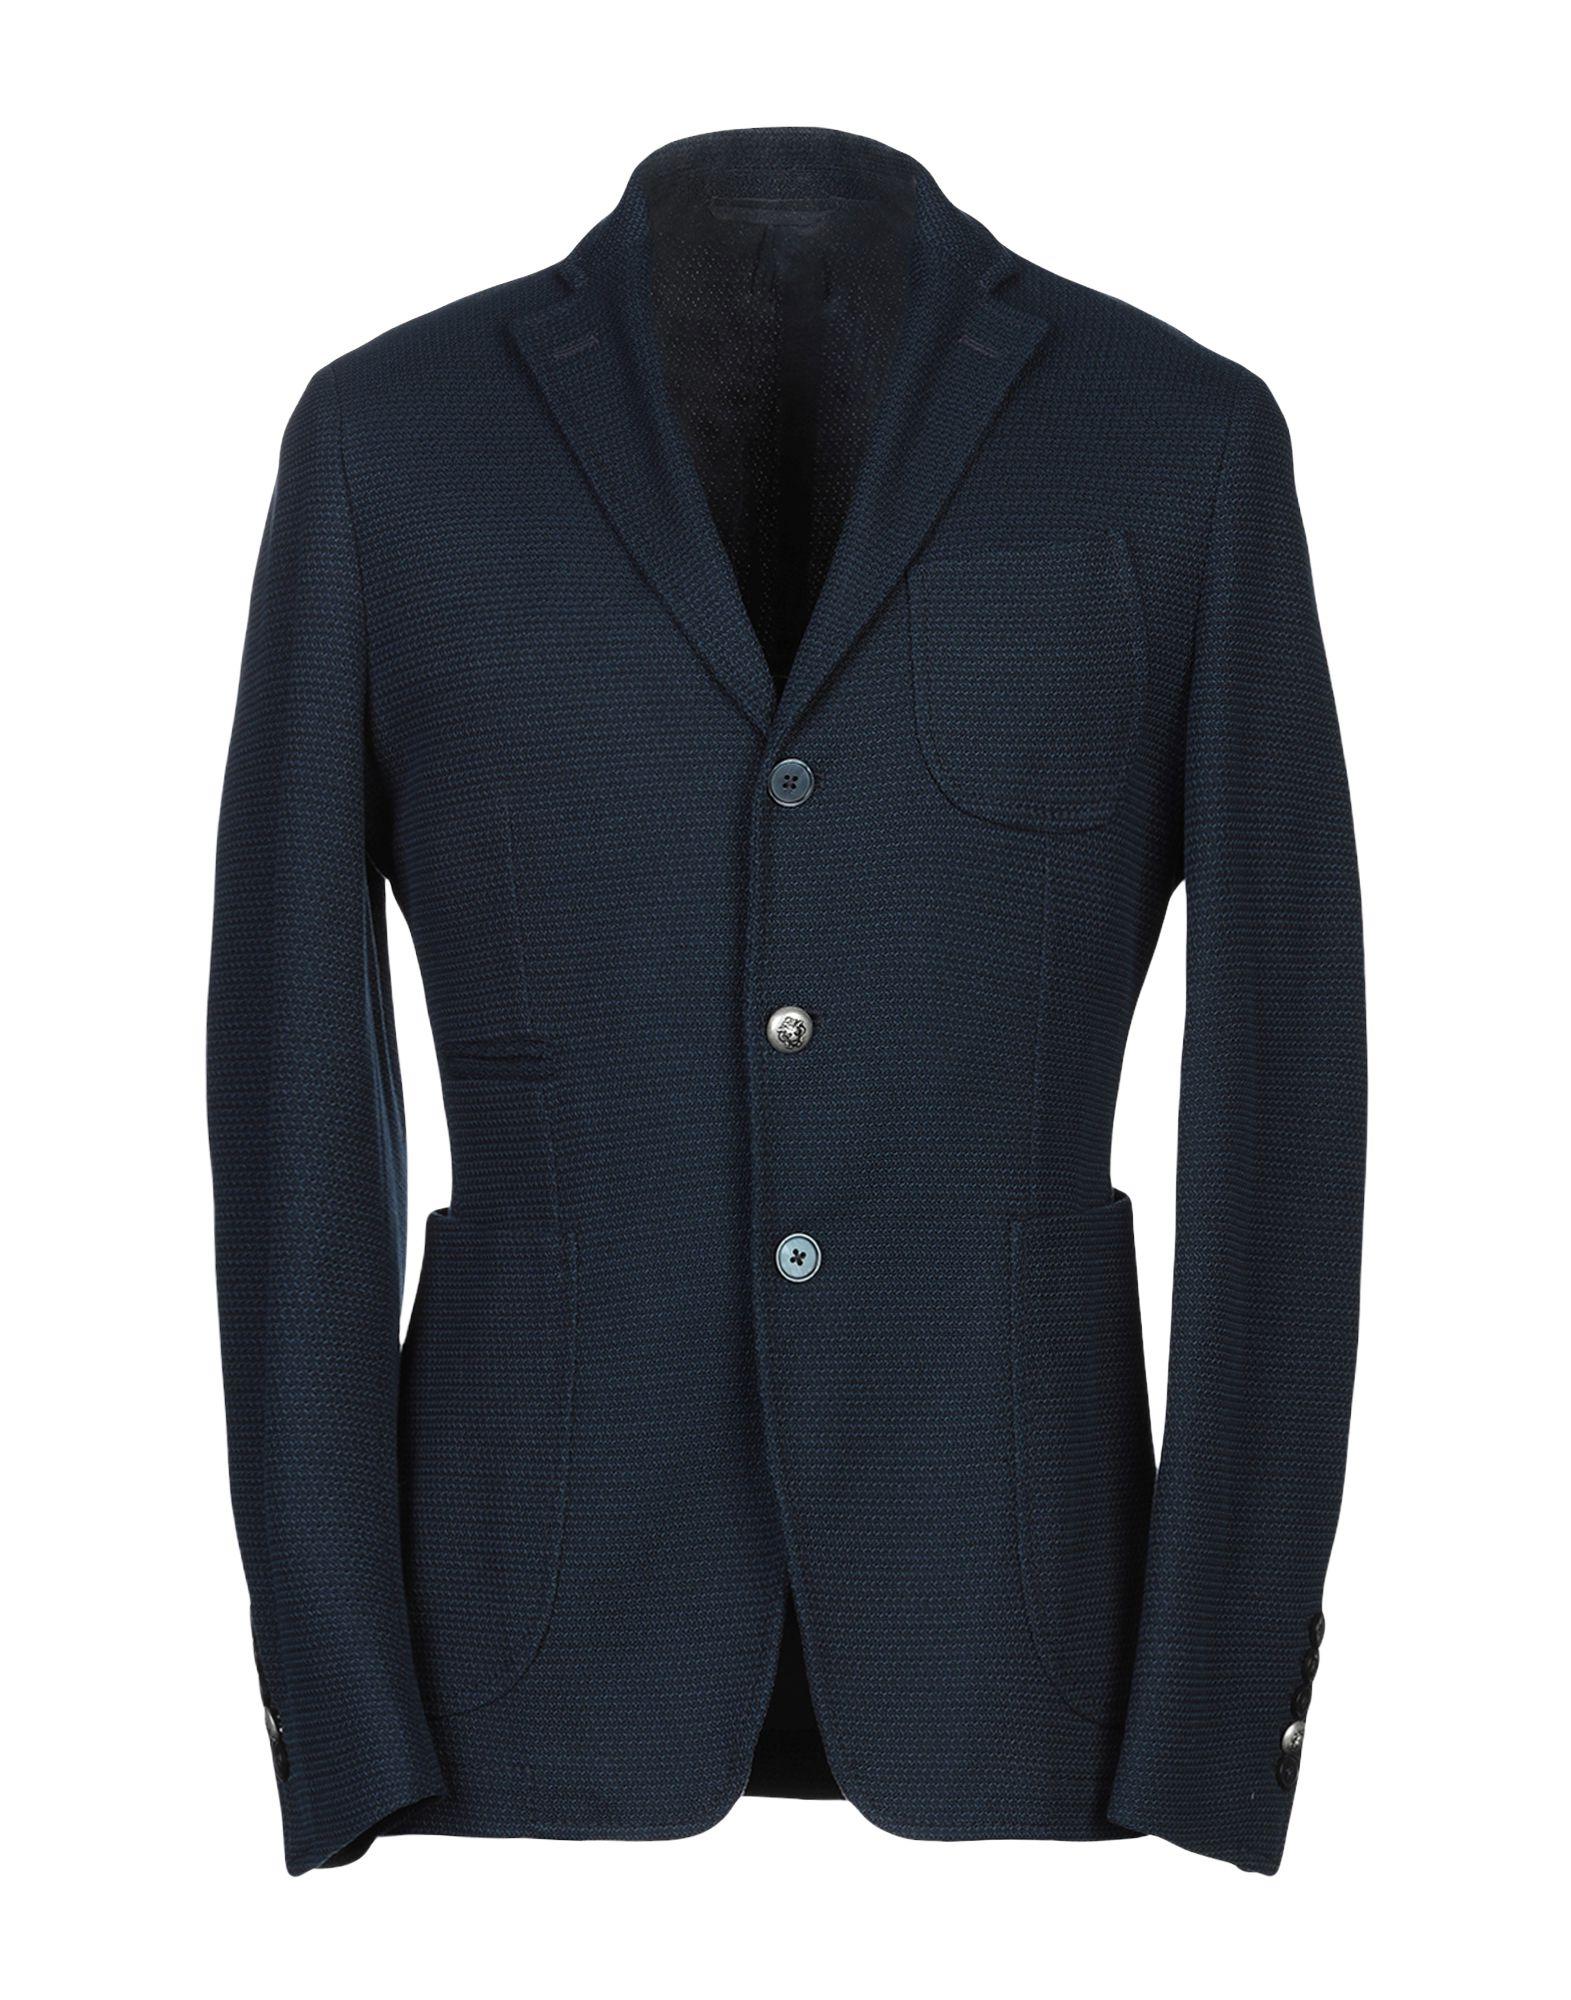 《送料無料》JOHN SHEEP メンズ テーラードジャケット ブルー 48 コットン 100%